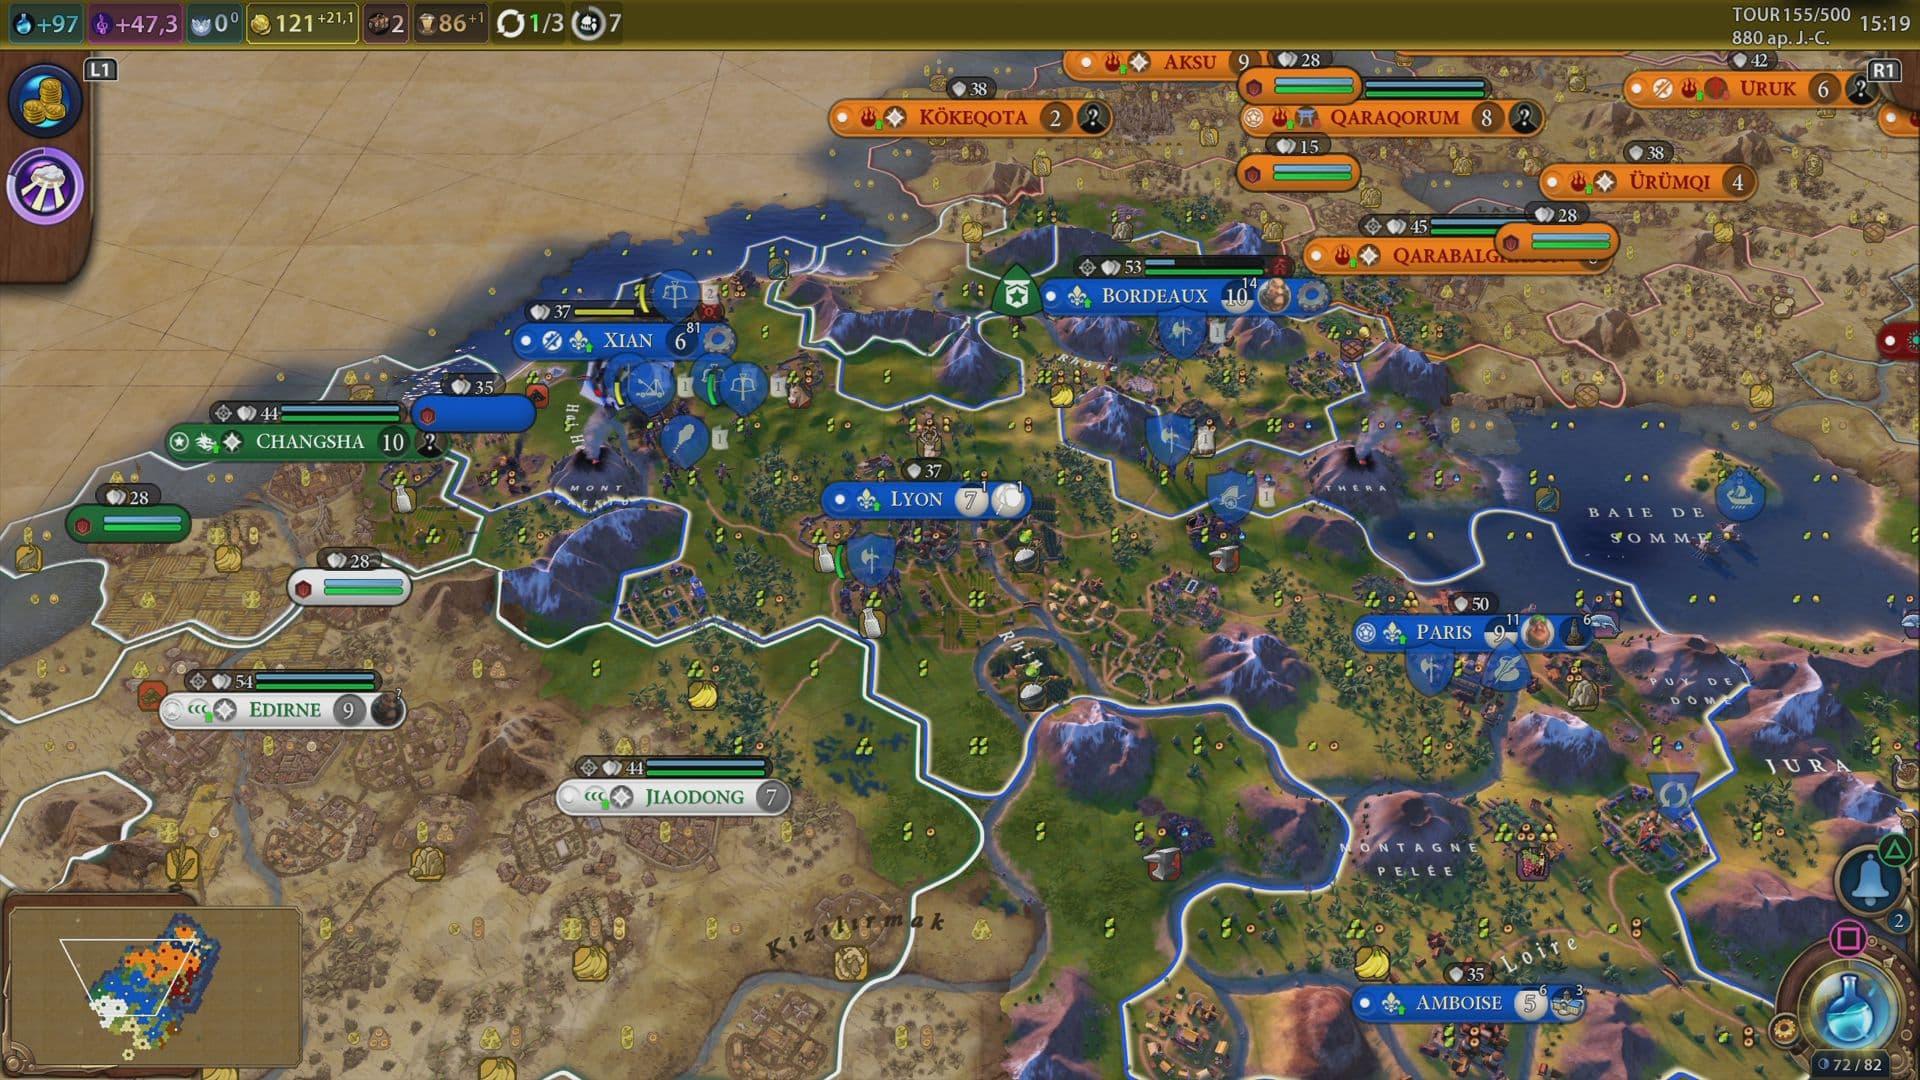 Xbox One Civilization VI